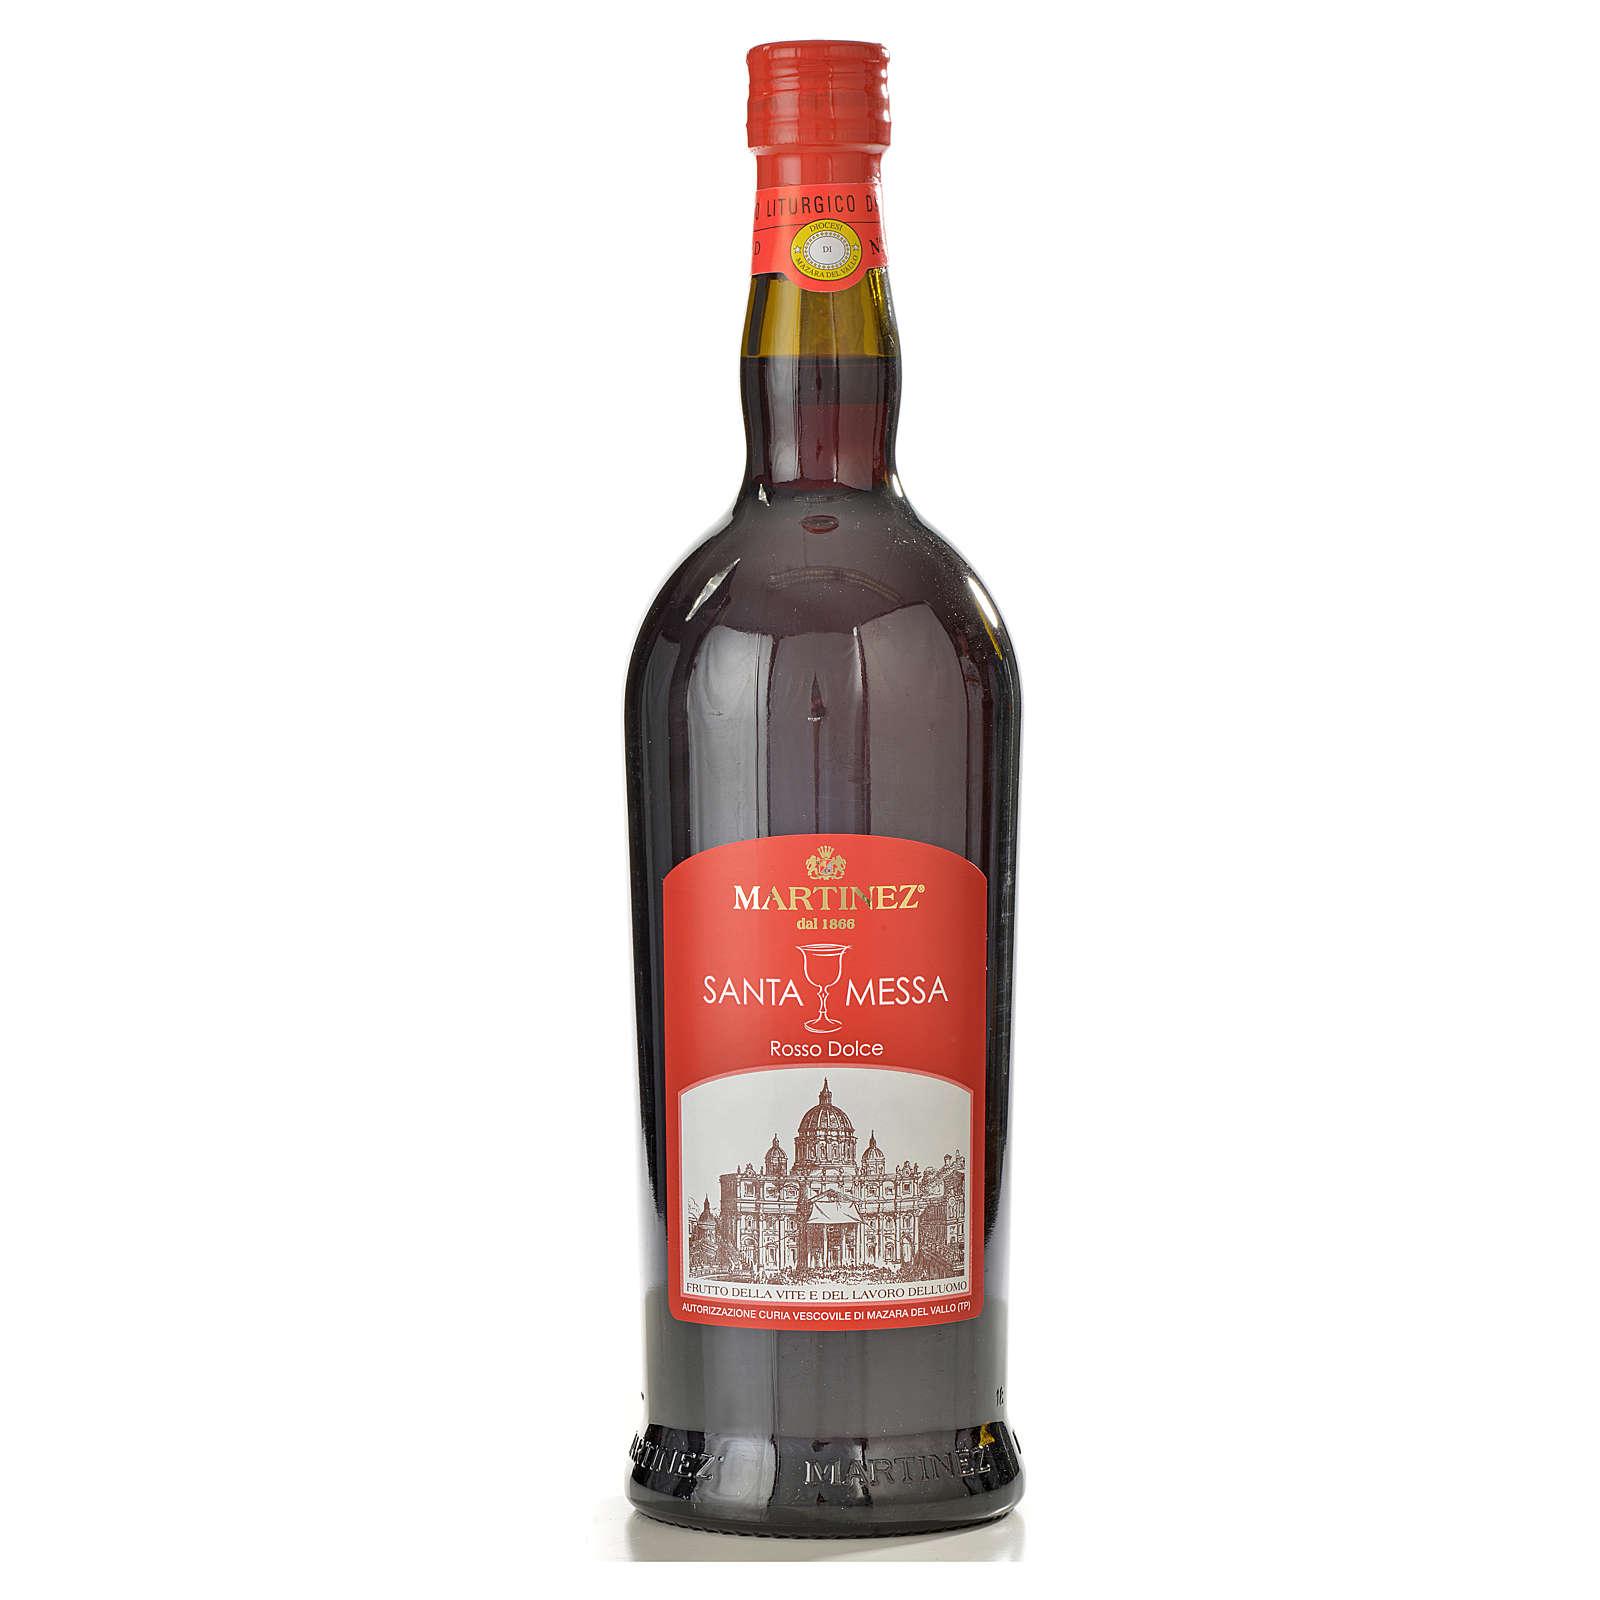 Mass wine sweet red - Martinez 3